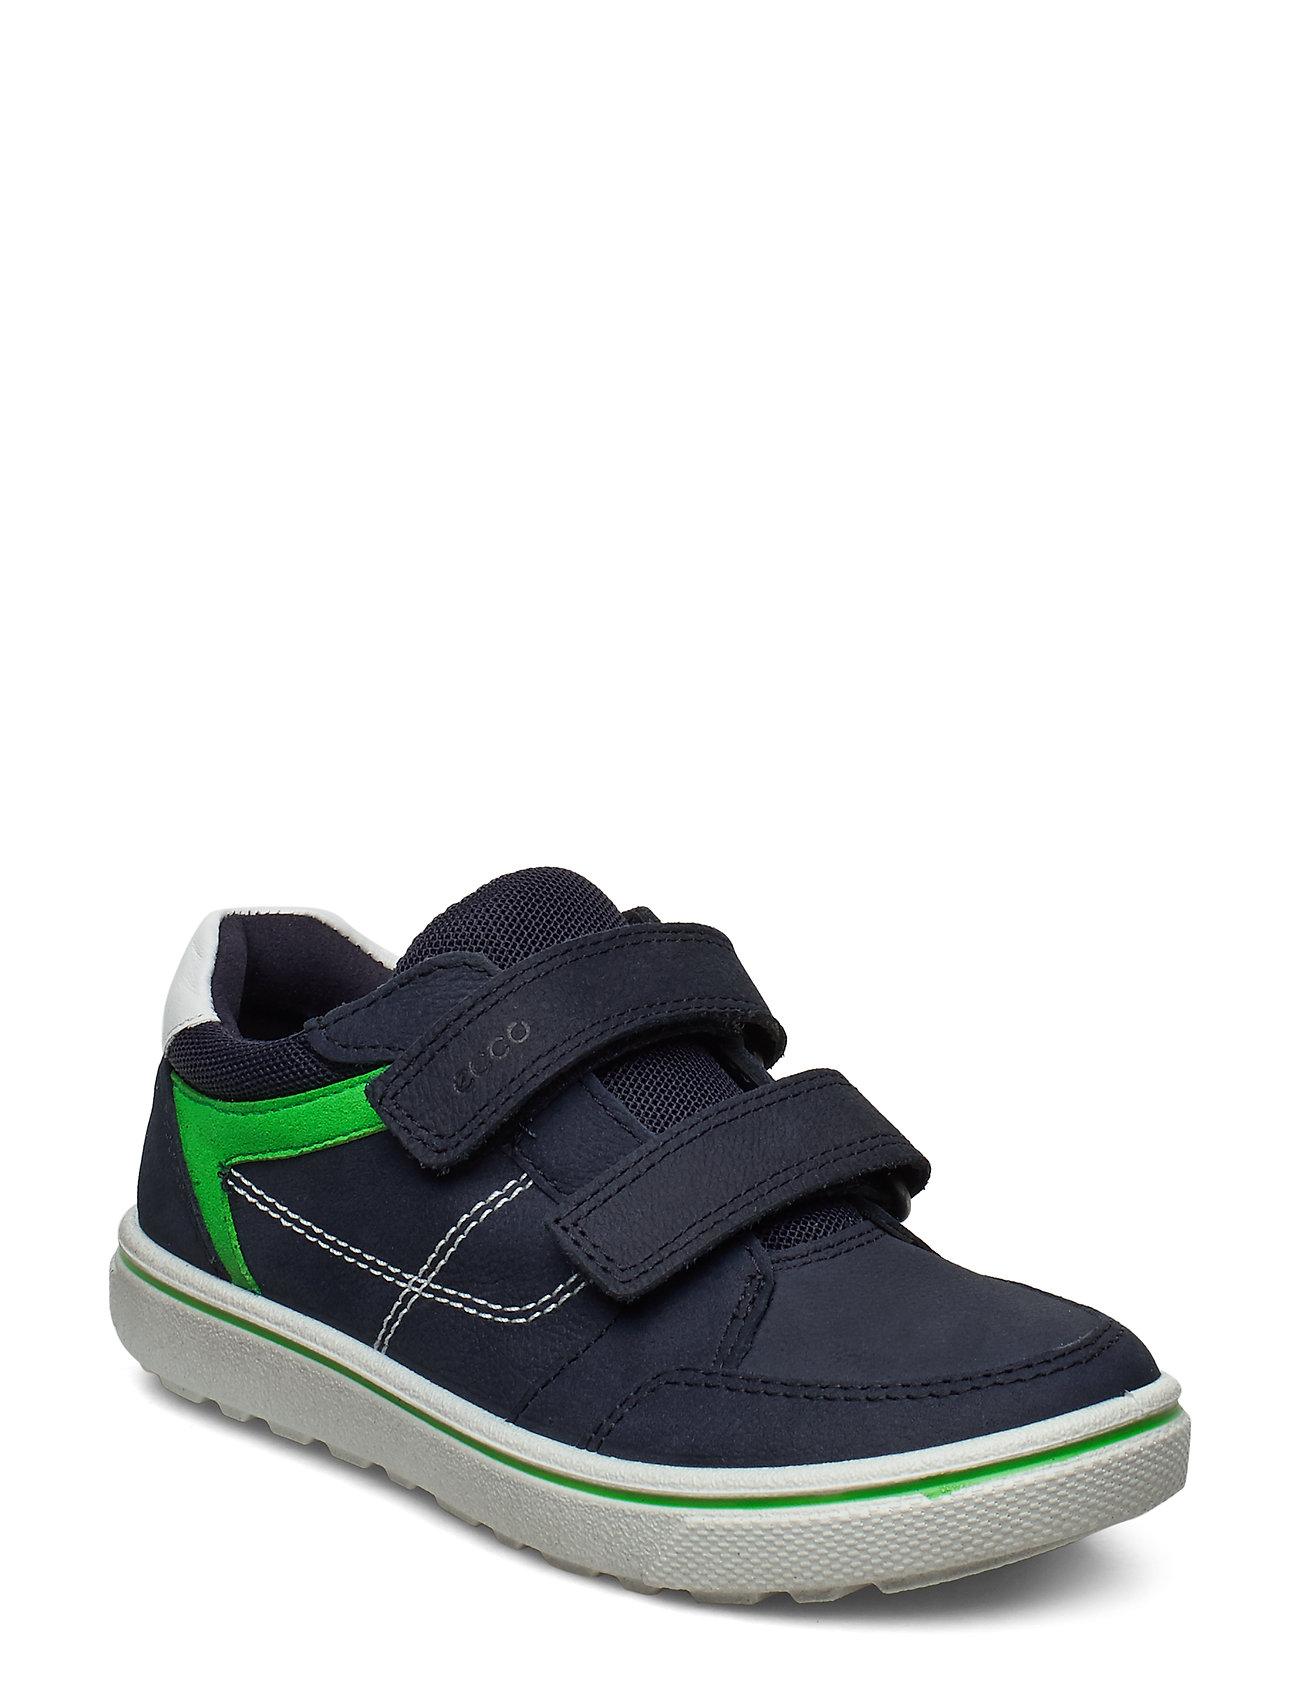 Image of Glyder Sneakers Sko Blå ECCO (3350043155)